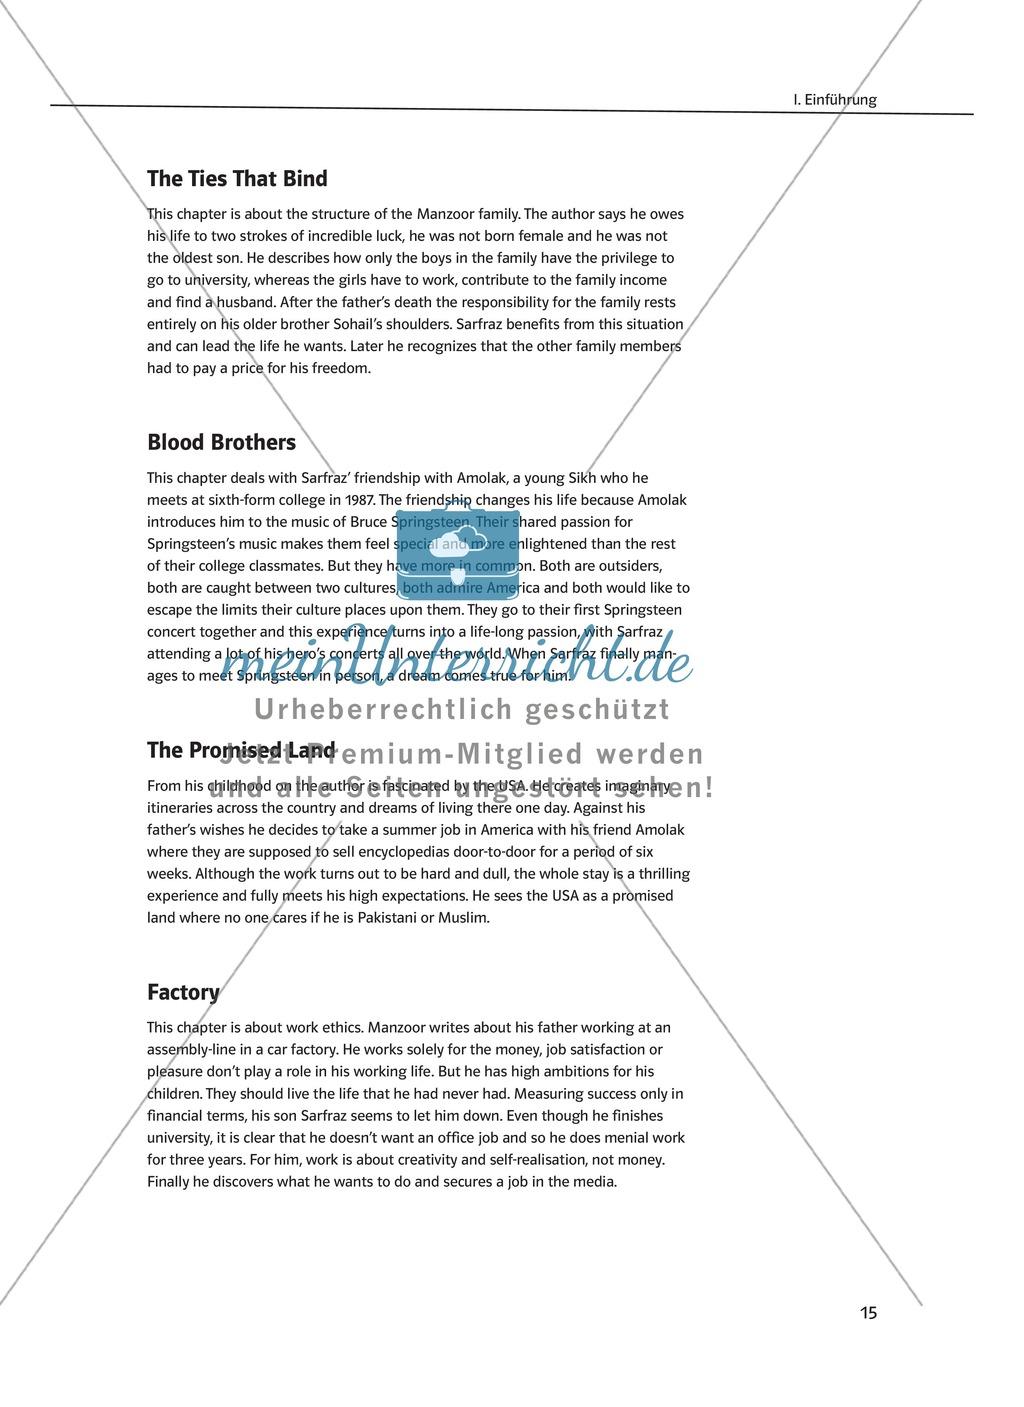 Greetings from Bury Park: Synopse + Biographie + Stundenübersicht + Kapitelübersicht Preview 7